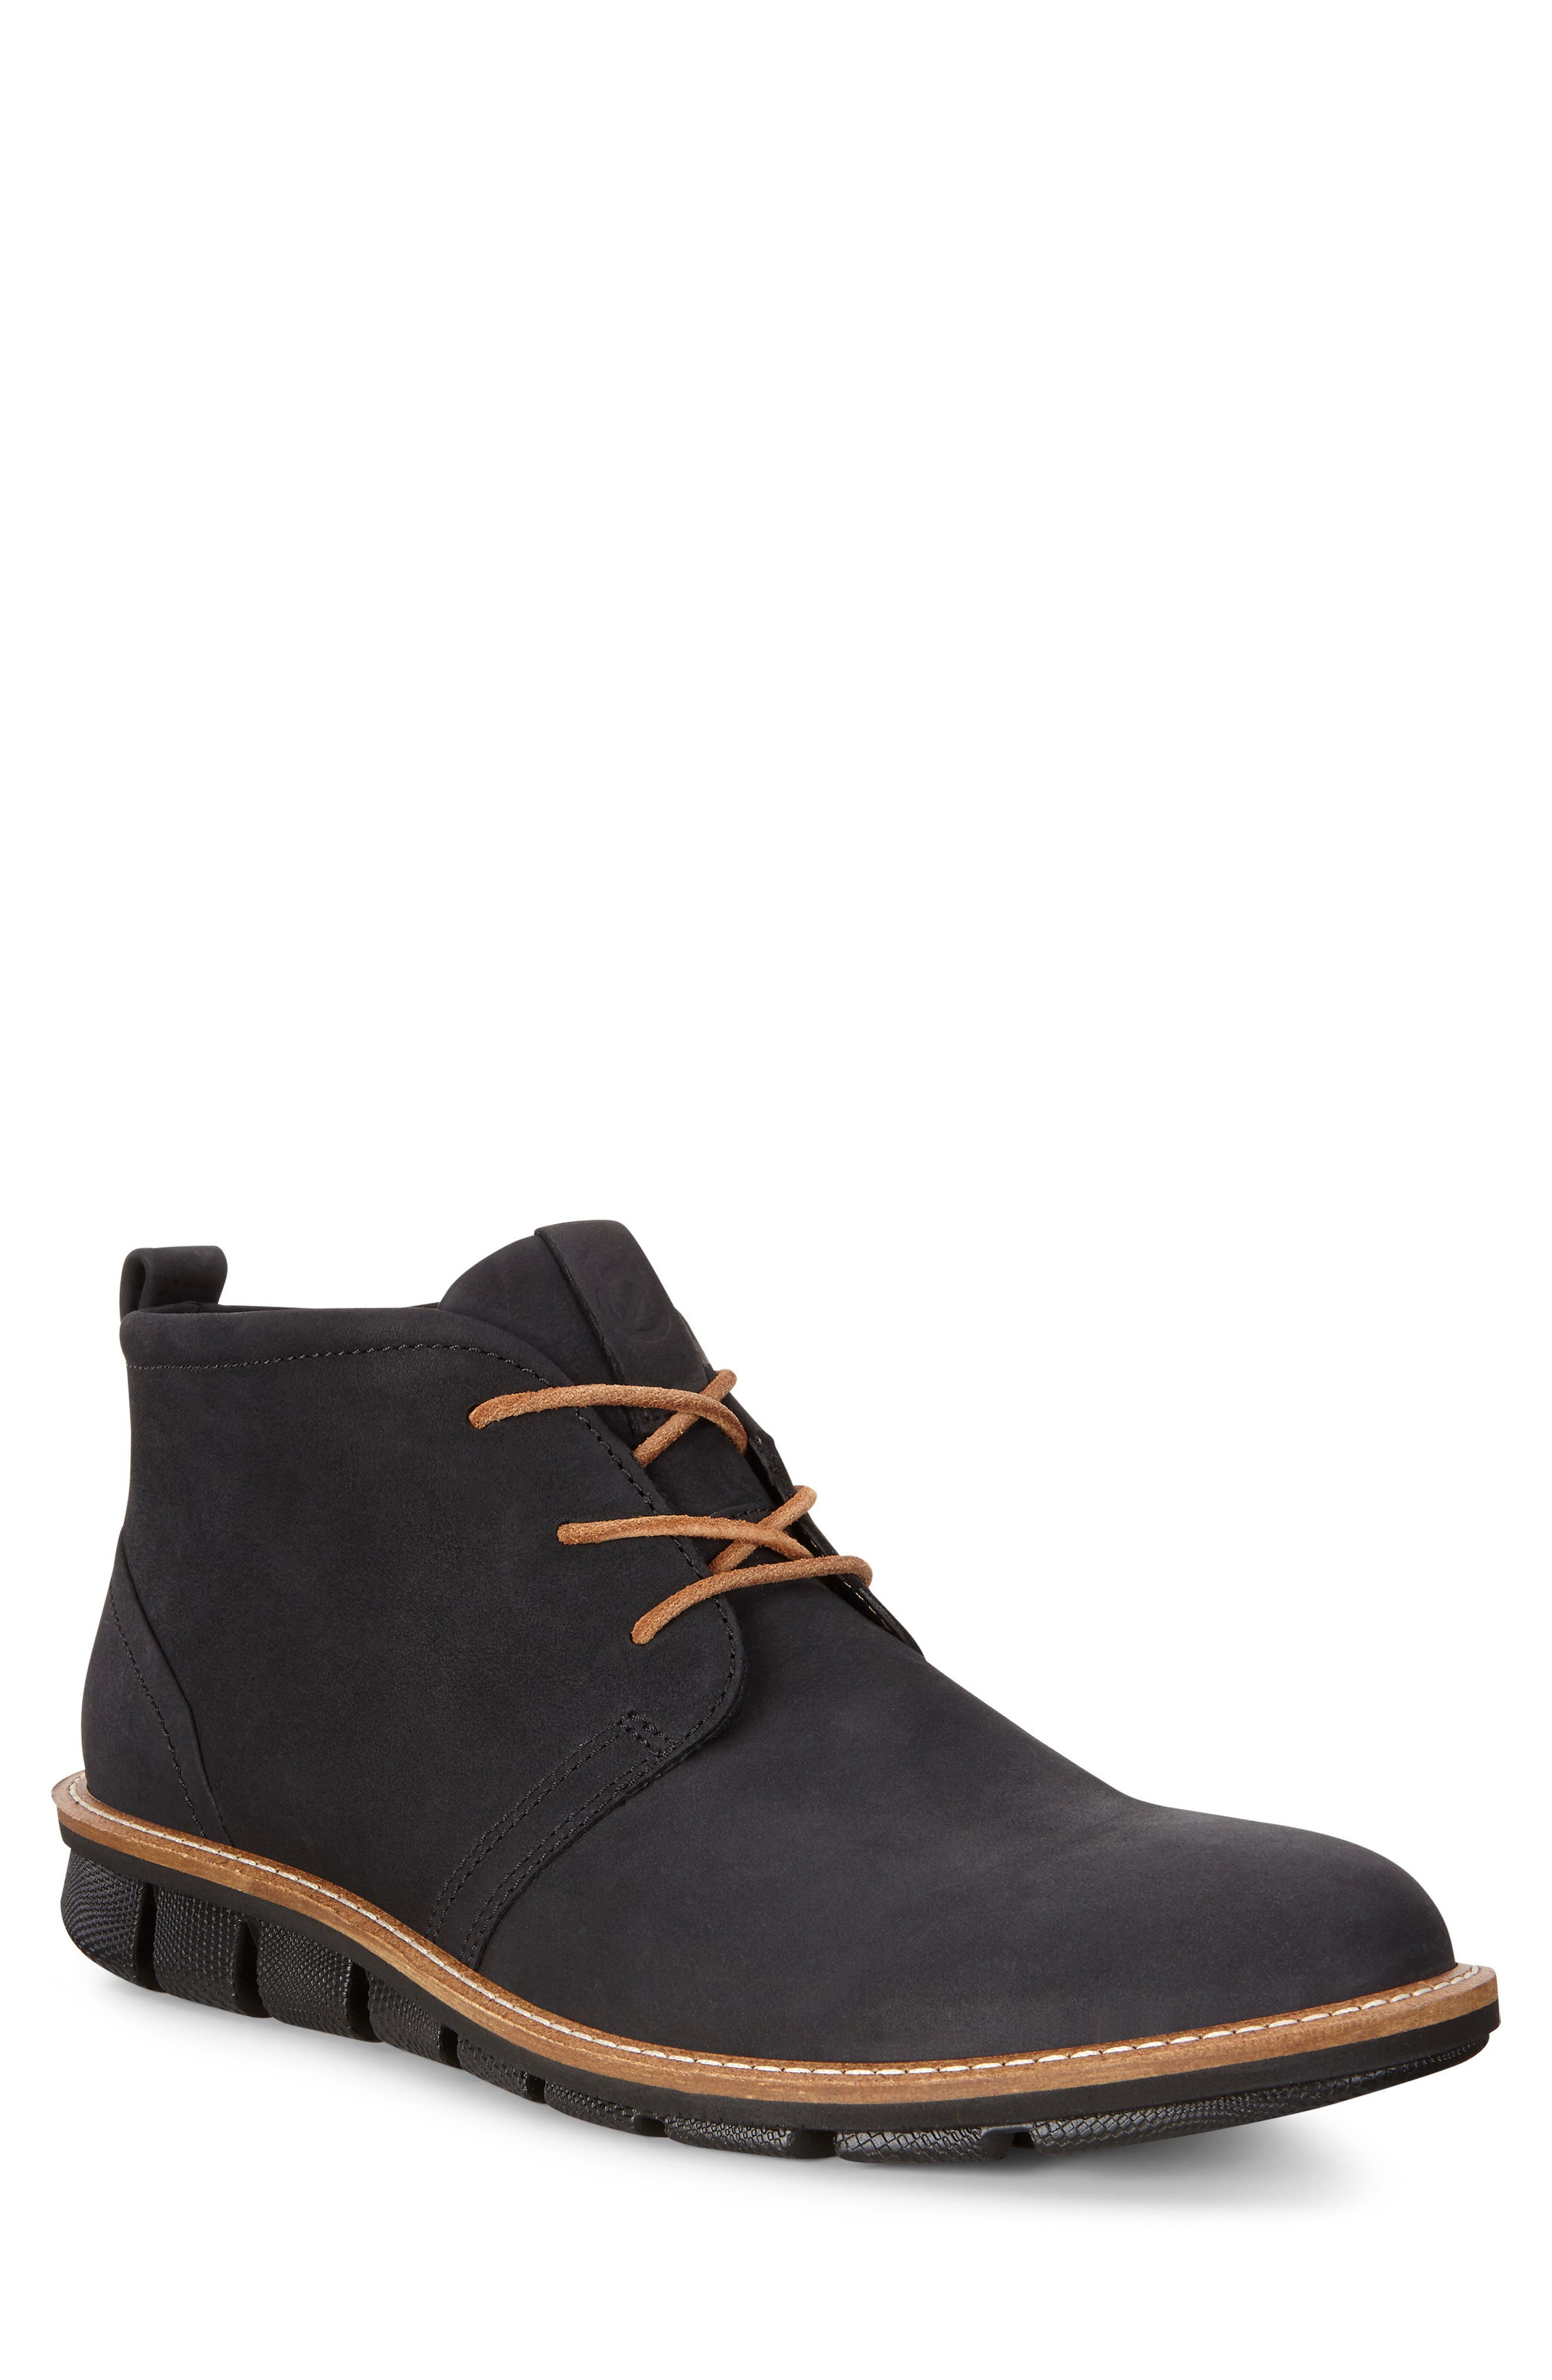 'Jeremy Hybrid' Plain Toe Boot,                             Main thumbnail 1, color,                             BLACK LEATHER